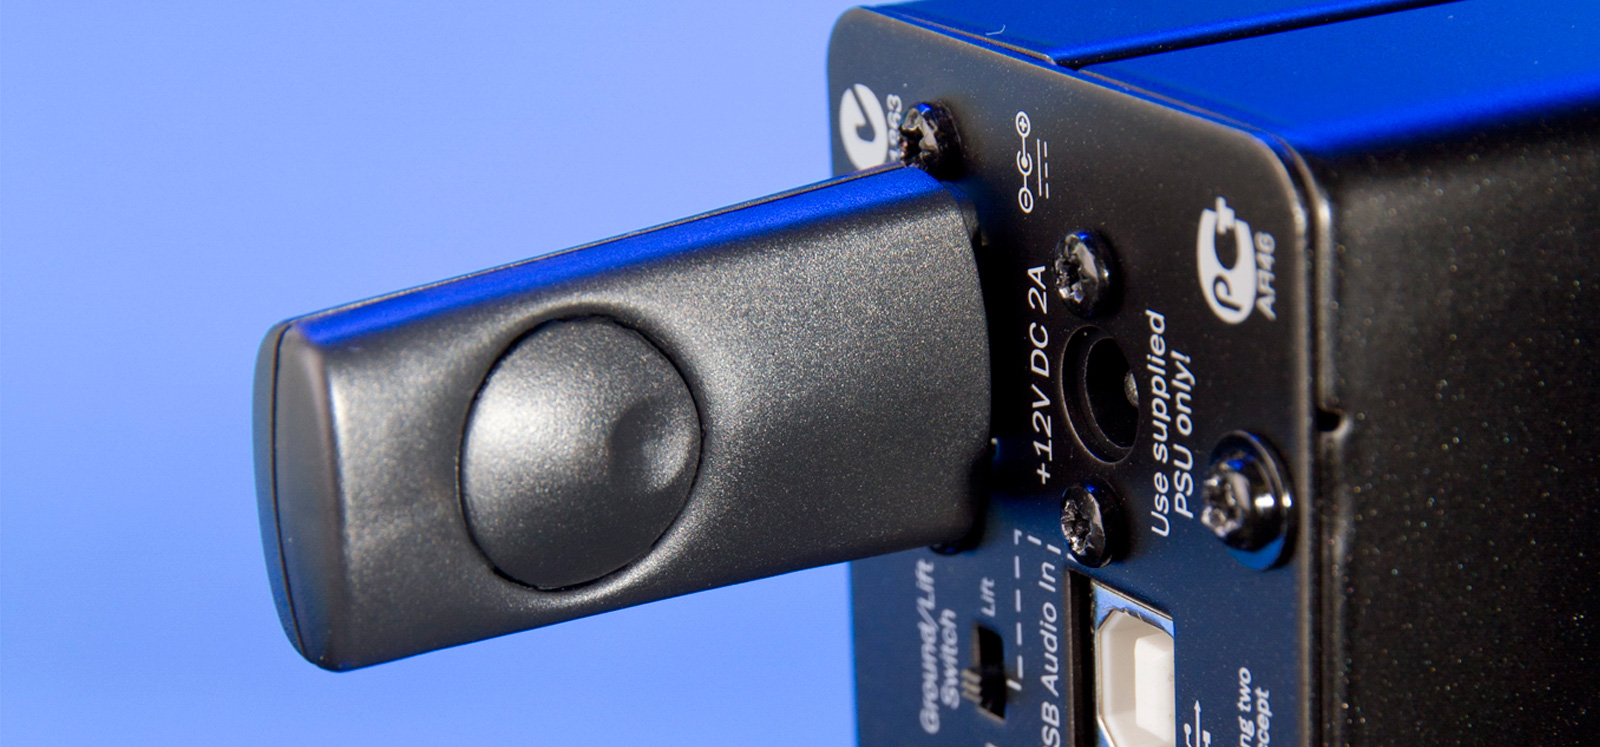 BT100 - Bluetooth Audio Receiver   Cambridge Audio